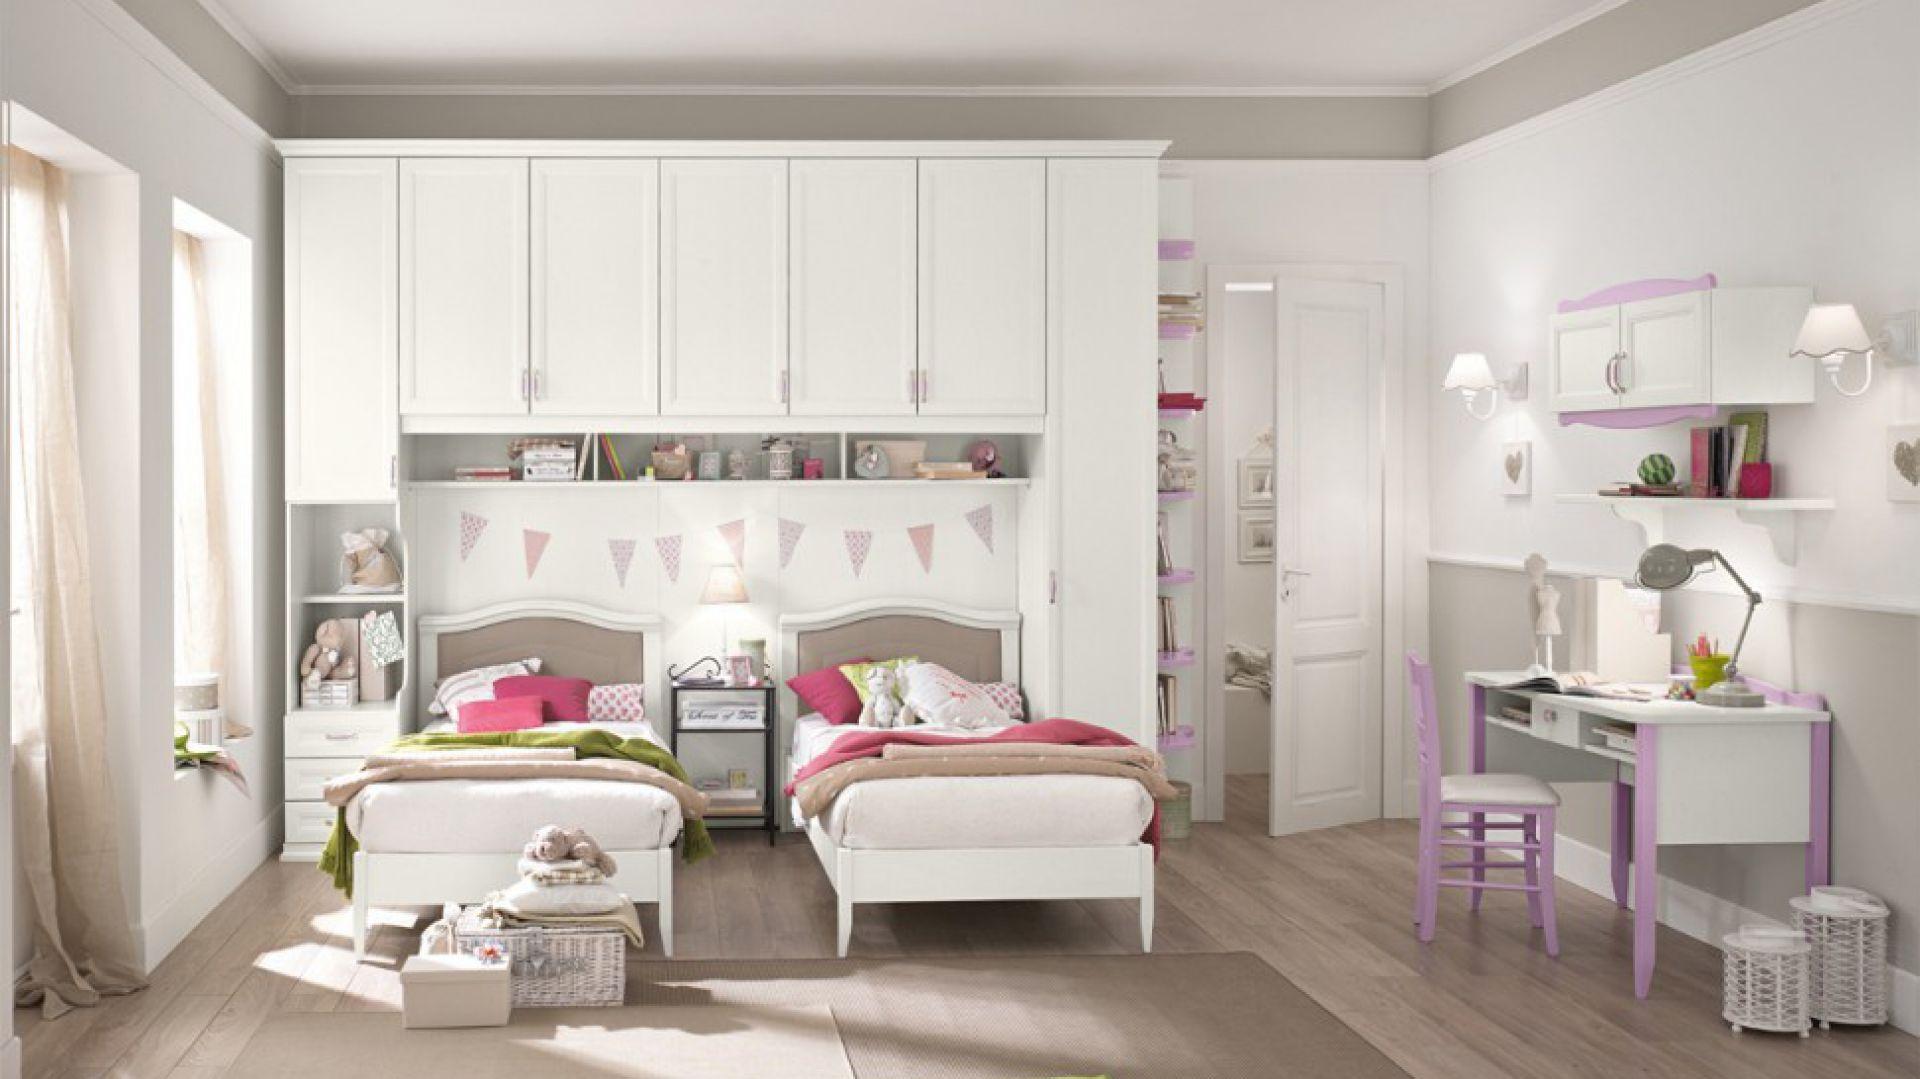 fot colombini casa jasny pok j dla dziewczynki pomys y strona 12. Black Bedroom Furniture Sets. Home Design Ideas